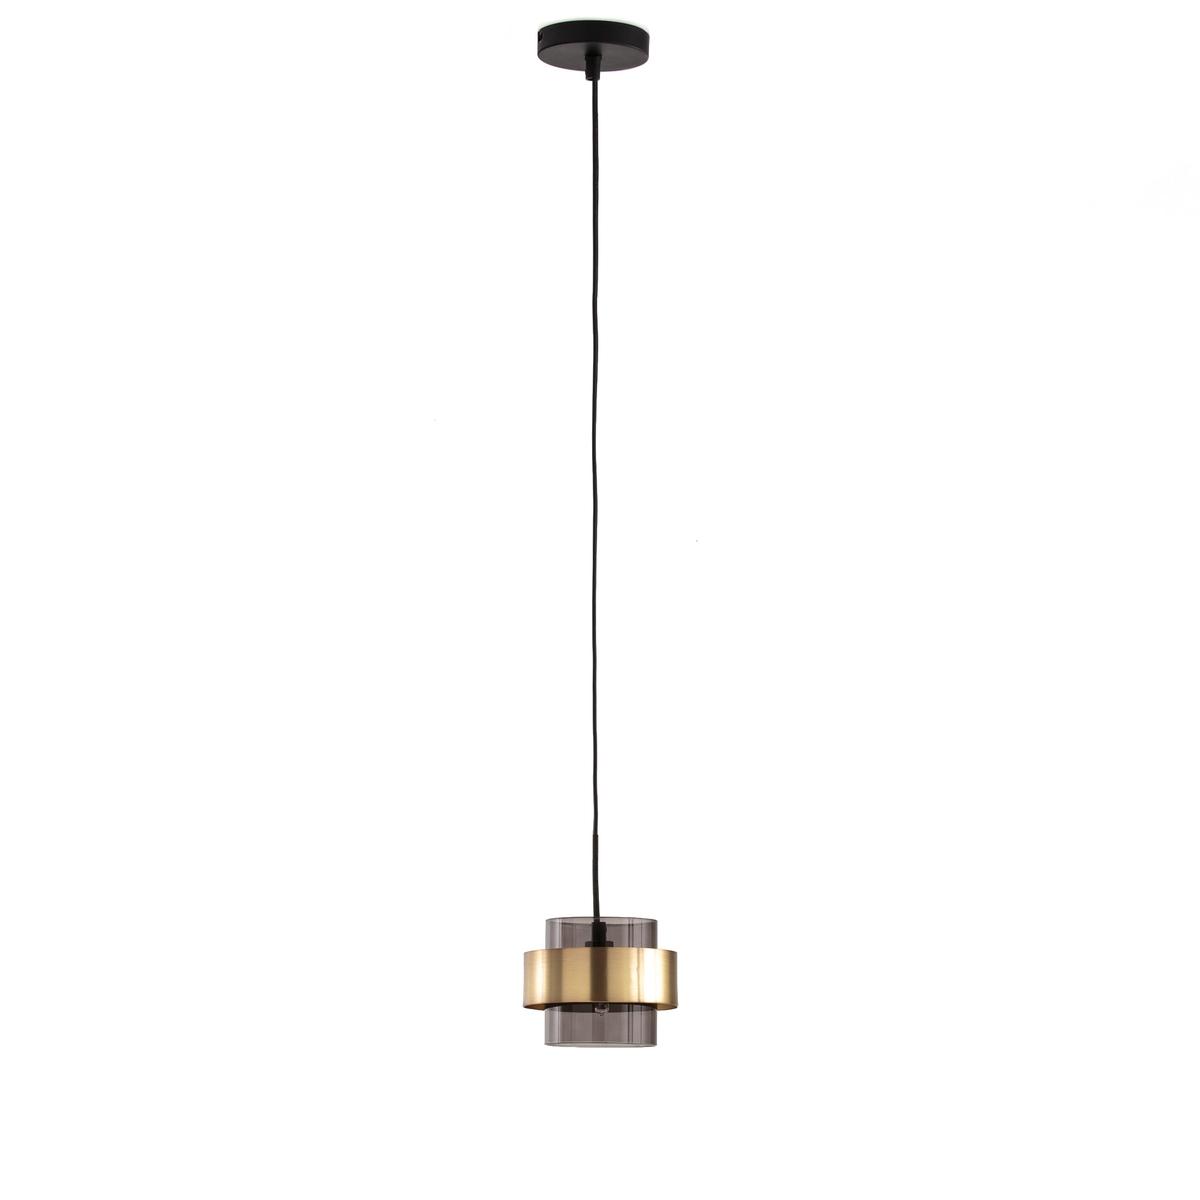 Светильник из стекла и металла BOTELLOСветильник из затемненного стекла и металла с отделкой под латунь , Botello. Украсьте ваш интерьер оригинальным, роскошным и стильным светильником .Описание светильника, Botello:Чаша плафона из металла, покрытого эпоксидной эмалью Патрон для лампочки G9 LED макс 5Вт (не входит в комплект) Этот светильник совместим с лампочками    энергетического класса  : A.Абажур из металла с латунной отделкой и тонированного стеклаХарактеристики светильника, Botello:Метал с покрытием эпоксидной эмалью+ металл с отделкой под латунь + затемненное стекло .Найдите другие модели из коллекции светильников Botello на сайте laredoute.ruРазмеры светильника, Botello:Диаметр 13,8 см Регулируемая длина кабеля макс.1 м<br><br>Цвет: черный/латунь